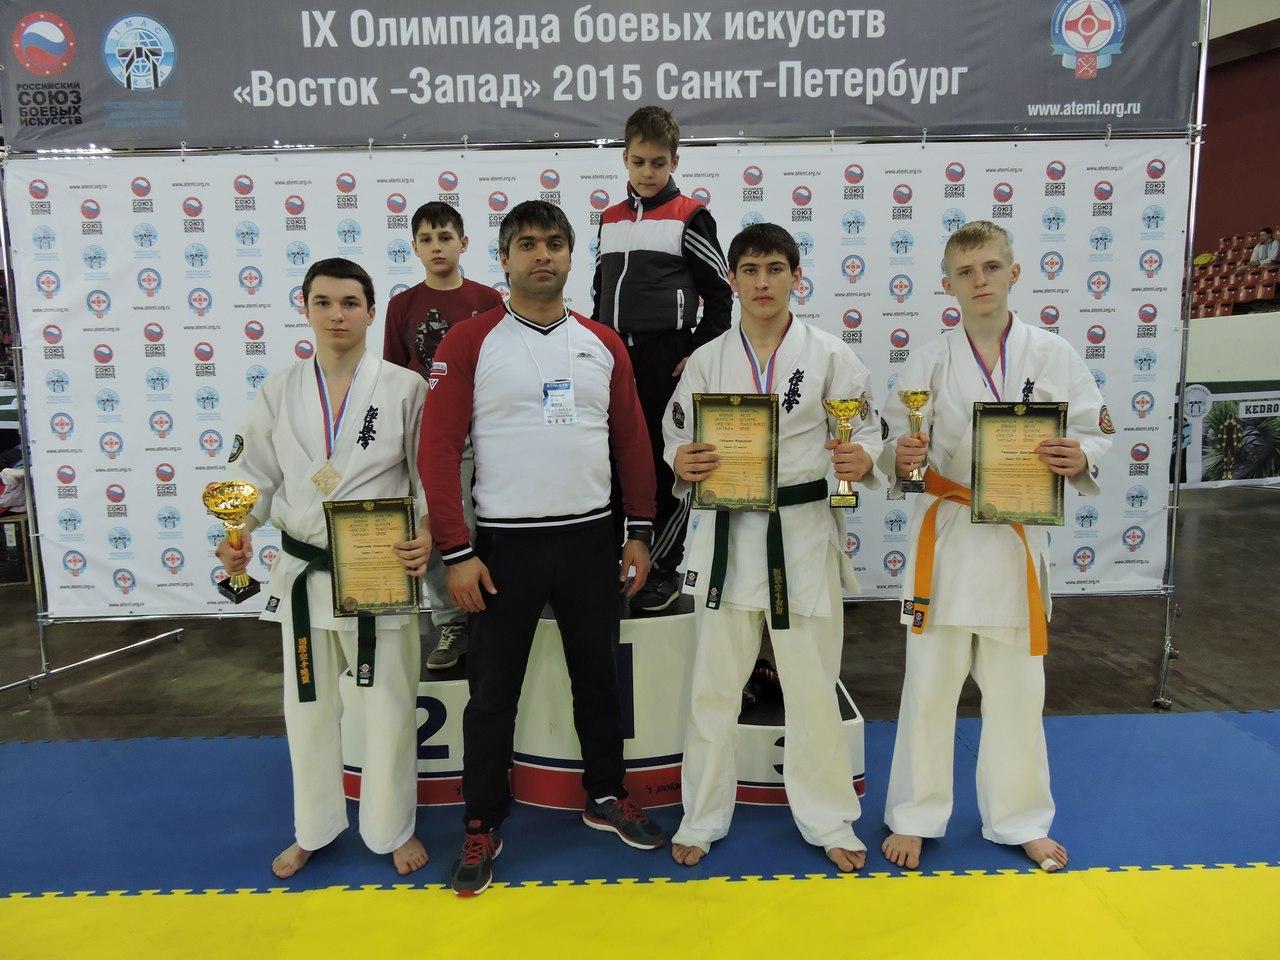 Новости Коломны   Cостоялось одно из крупнейших мировых событий в области единоборств Фото (Коломна)   sport otdyih dosug